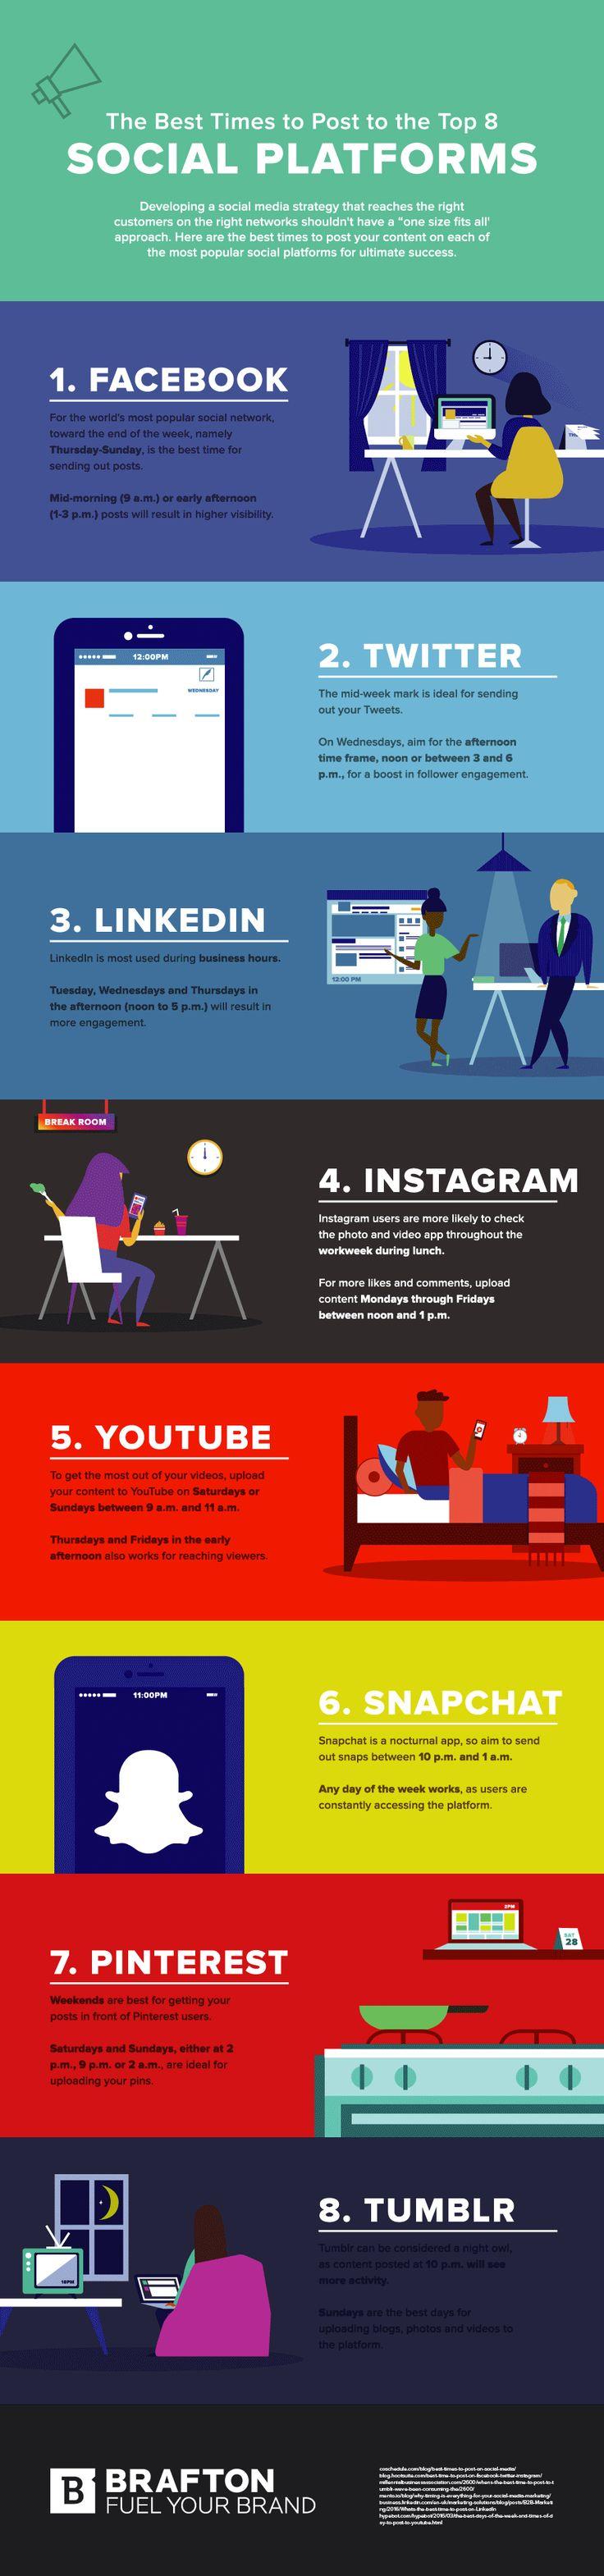 Advertising Infographics Brafton Nous Livre Aujourd Hui